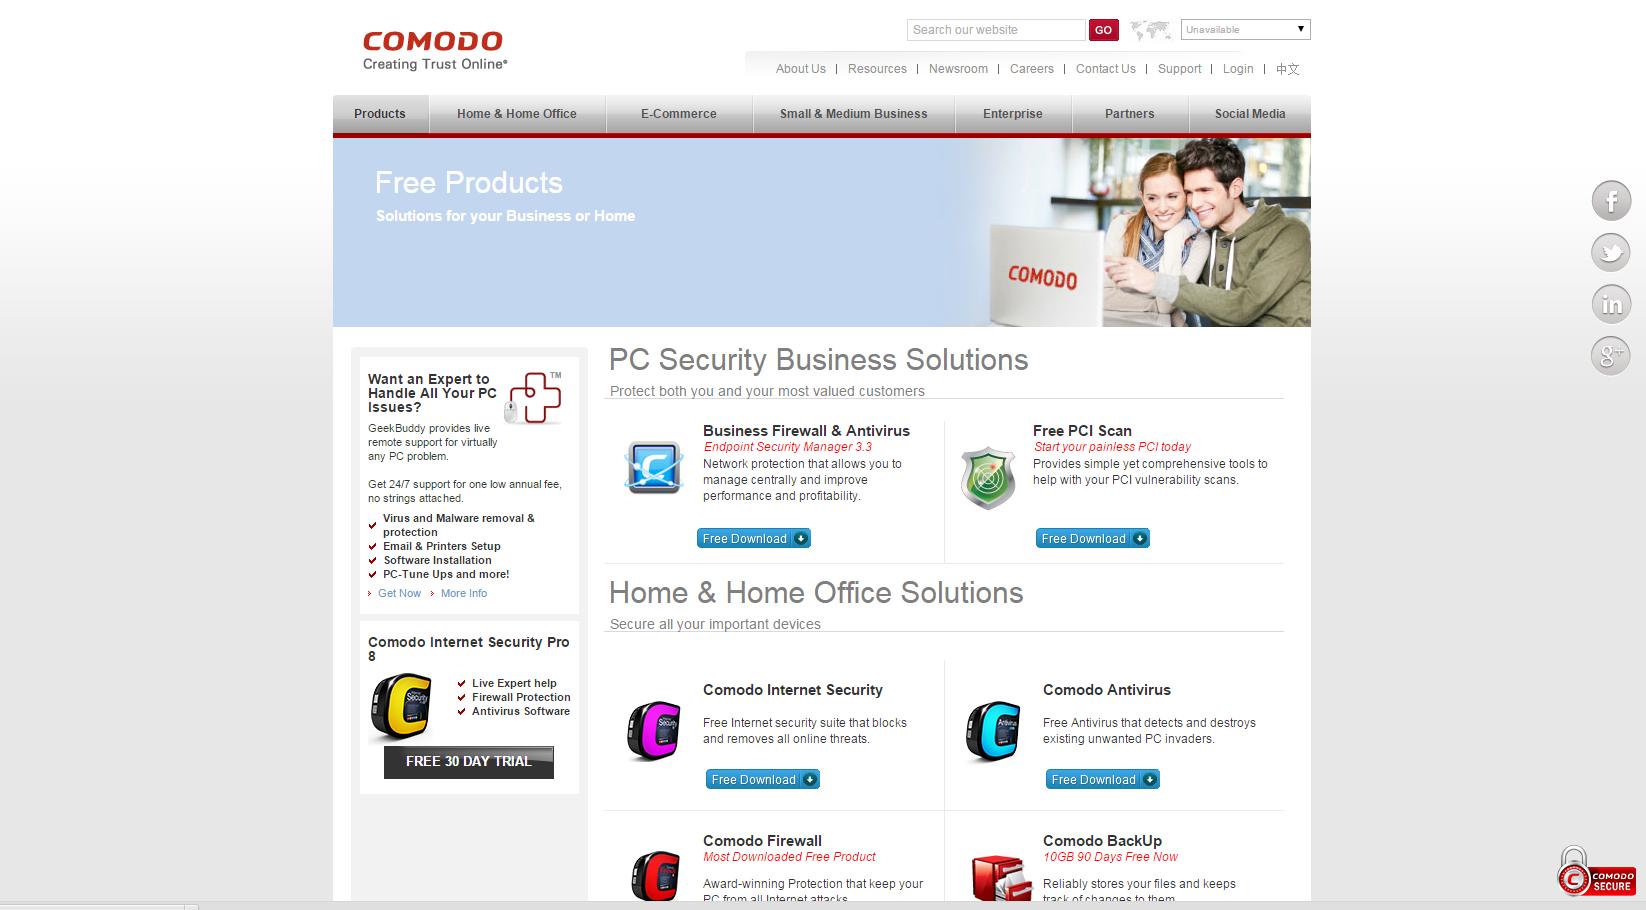 Comodo Antivirus offers Free Antivirus